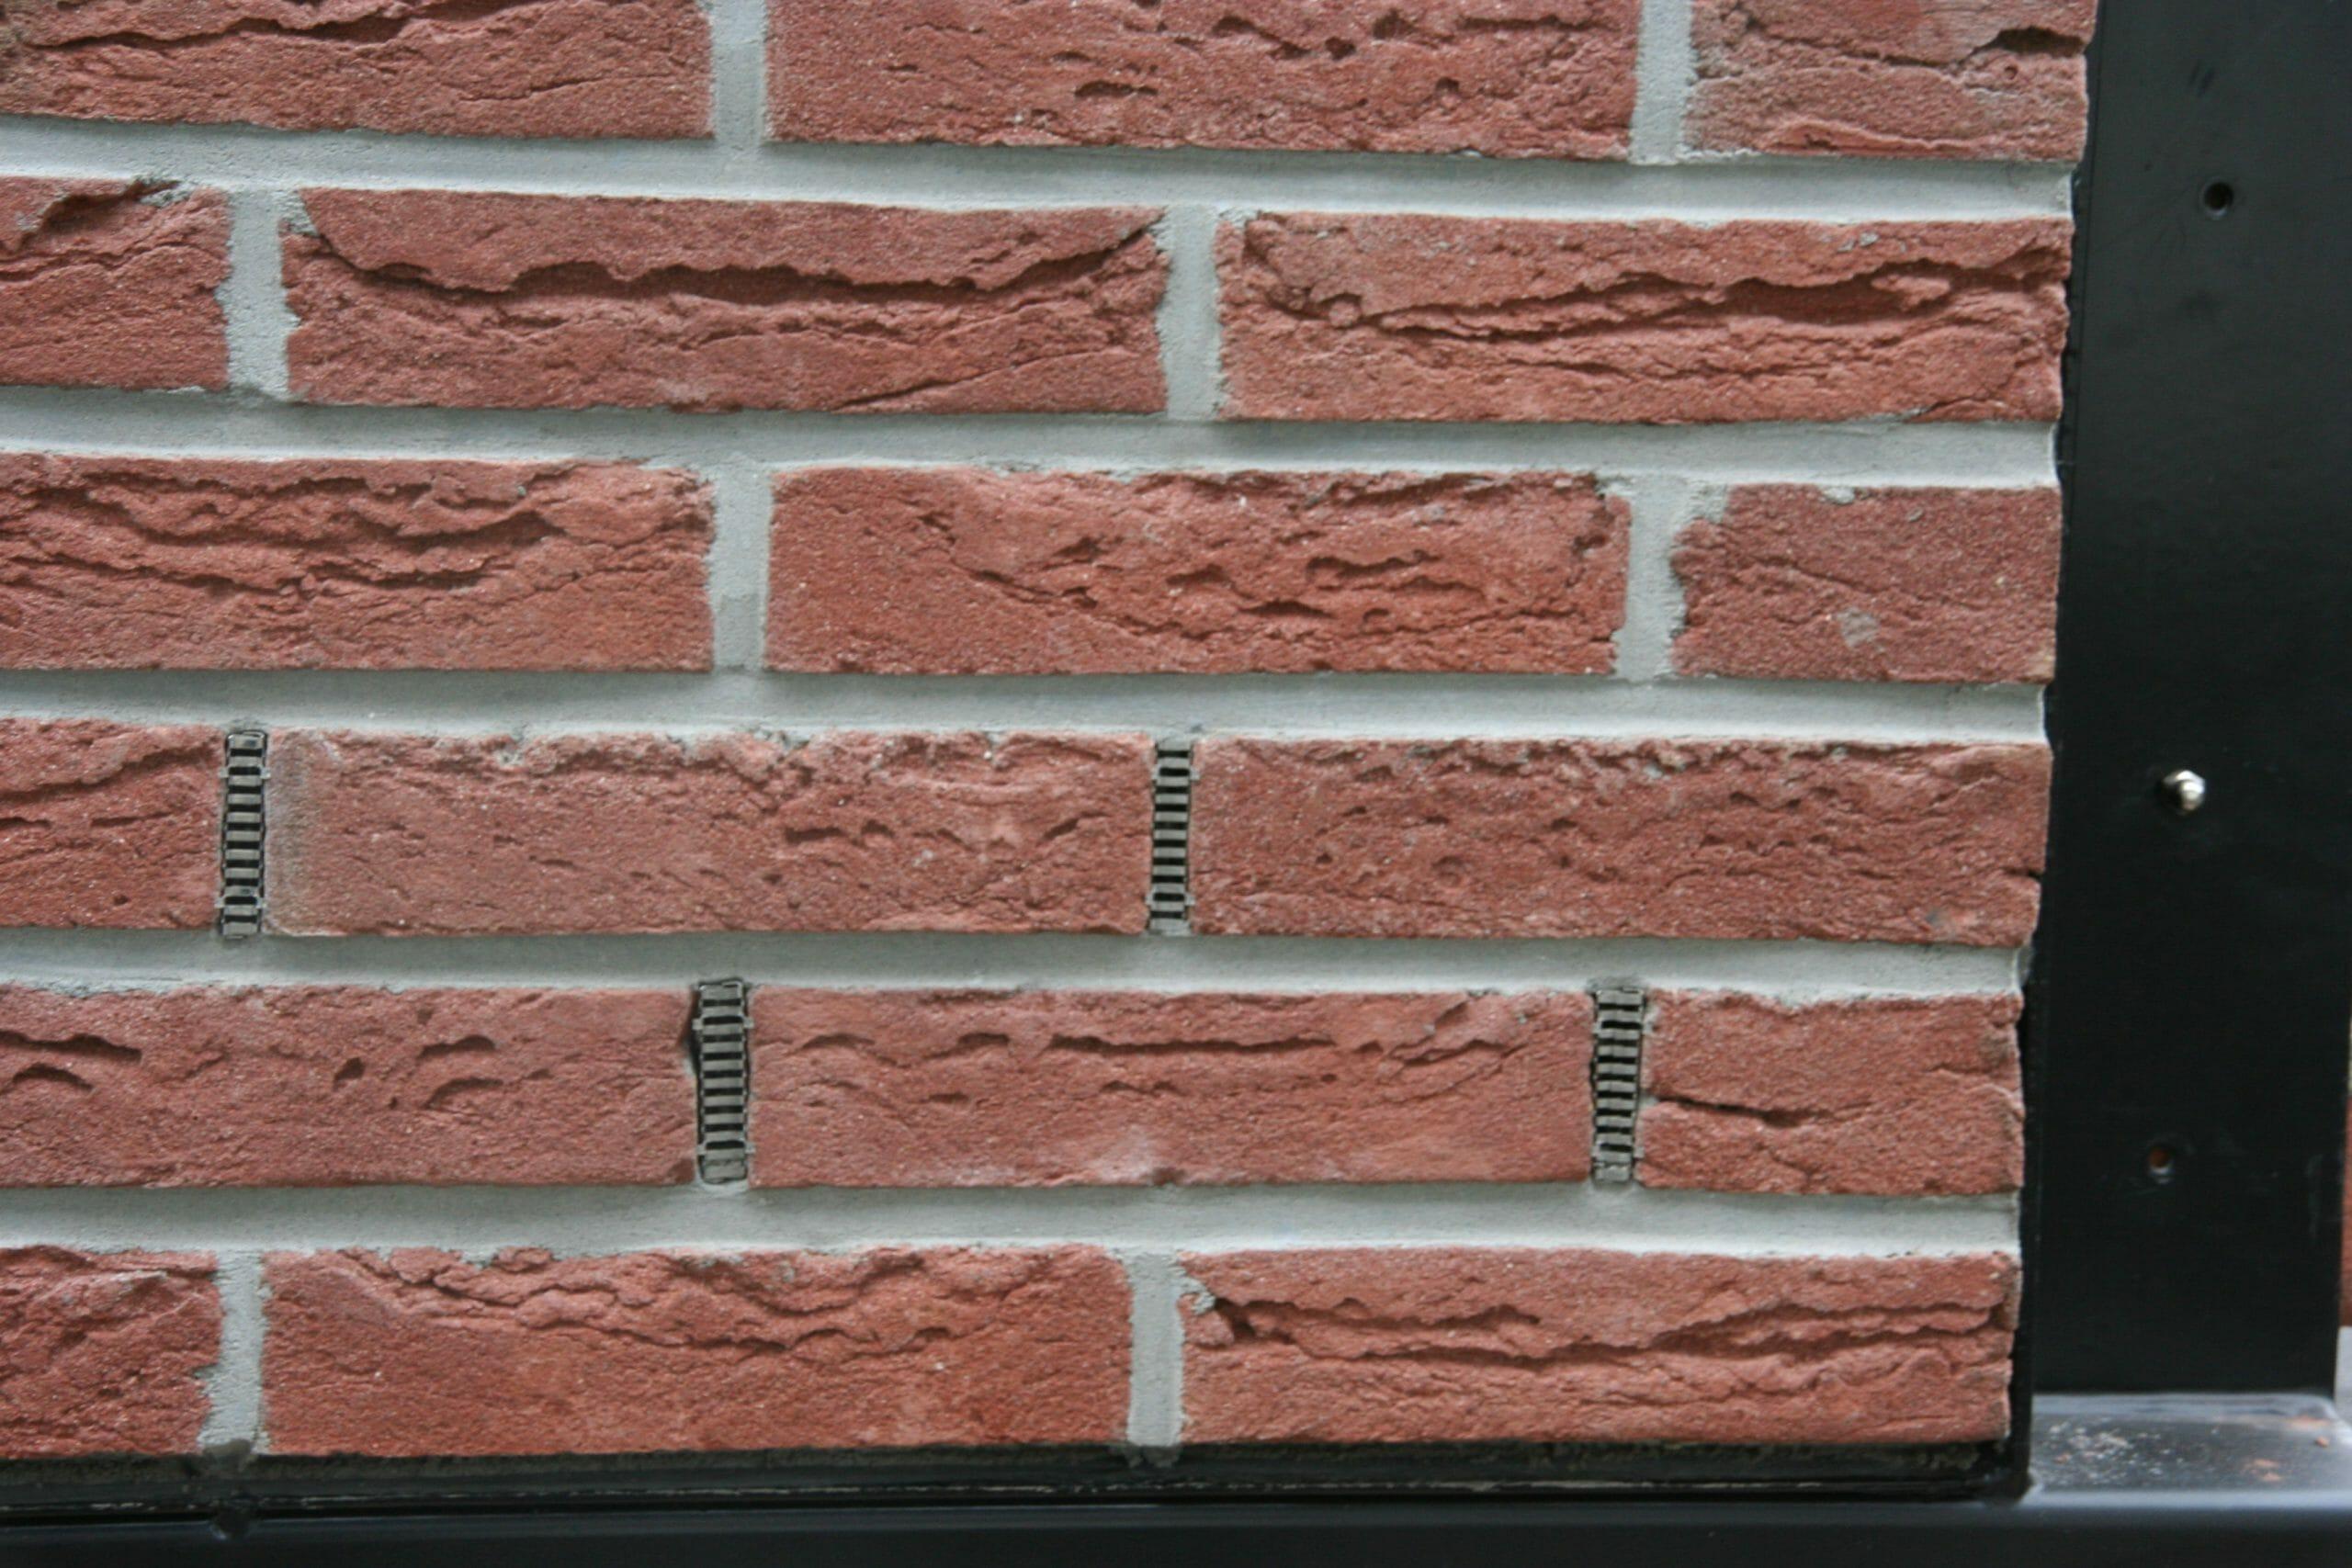 strakke-rode-steen-strakke-voeg-mooie-kleur-bijnebekje-scaled.jpg